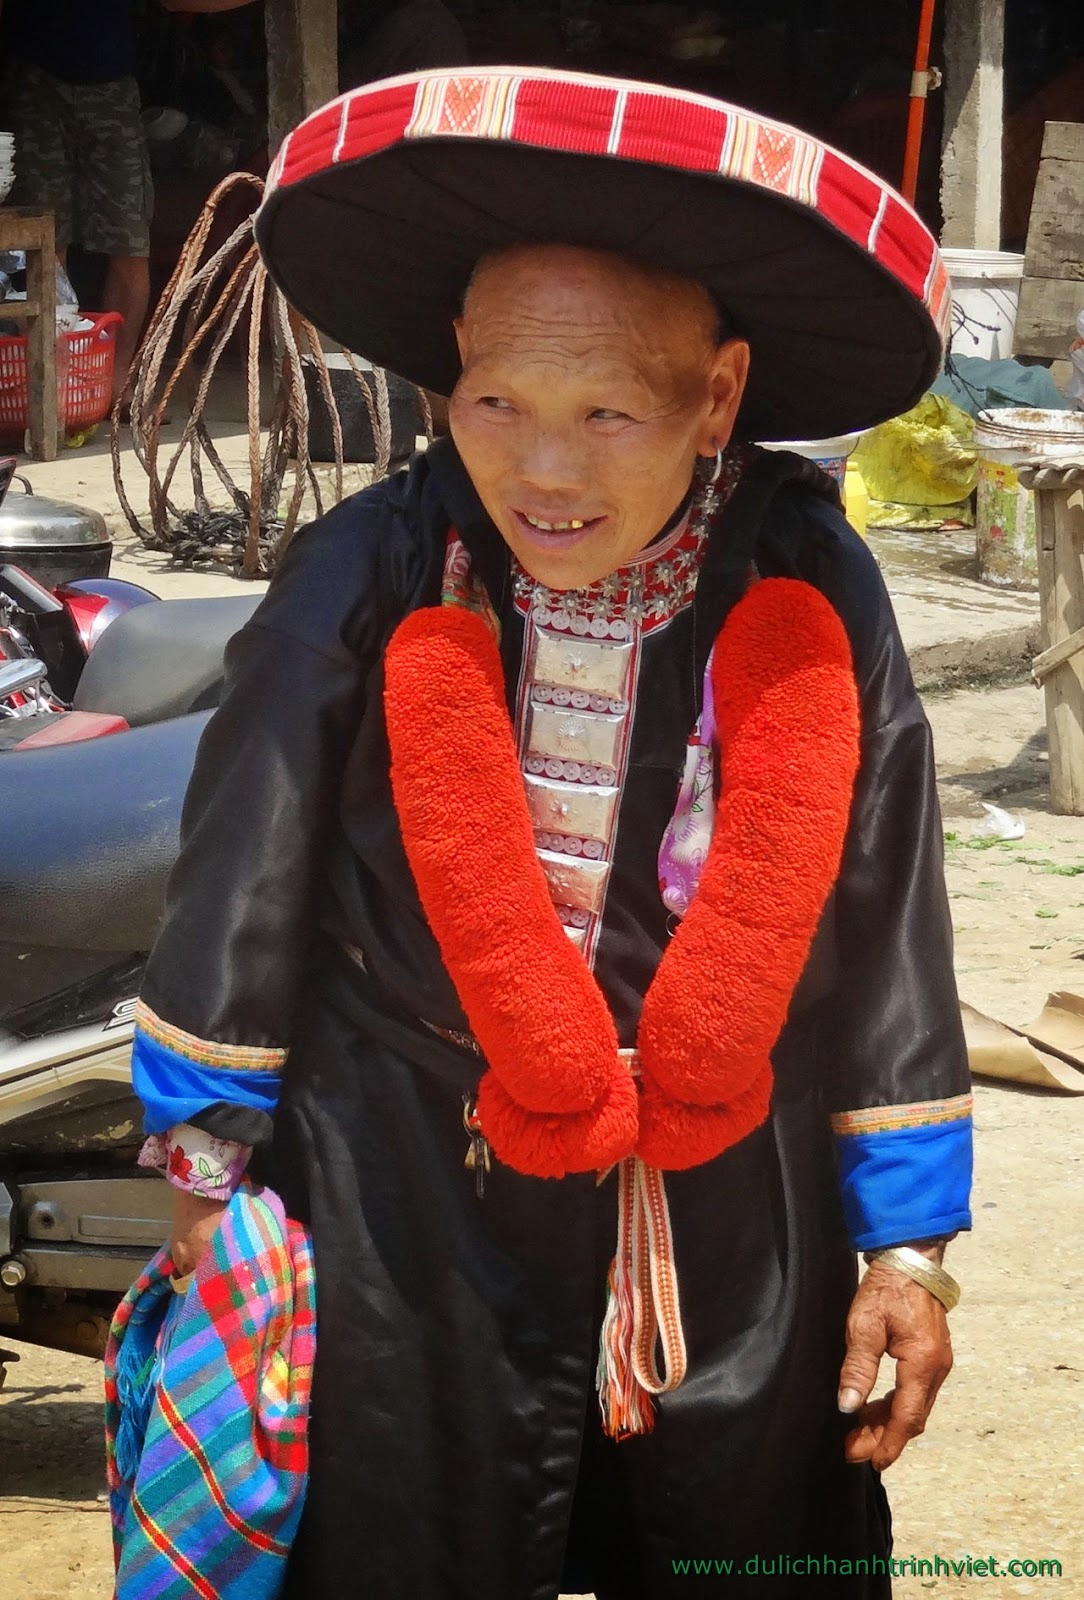 Khám phá bản sắc văn hóa dân tộc vùng địa đầu của tổ quốc